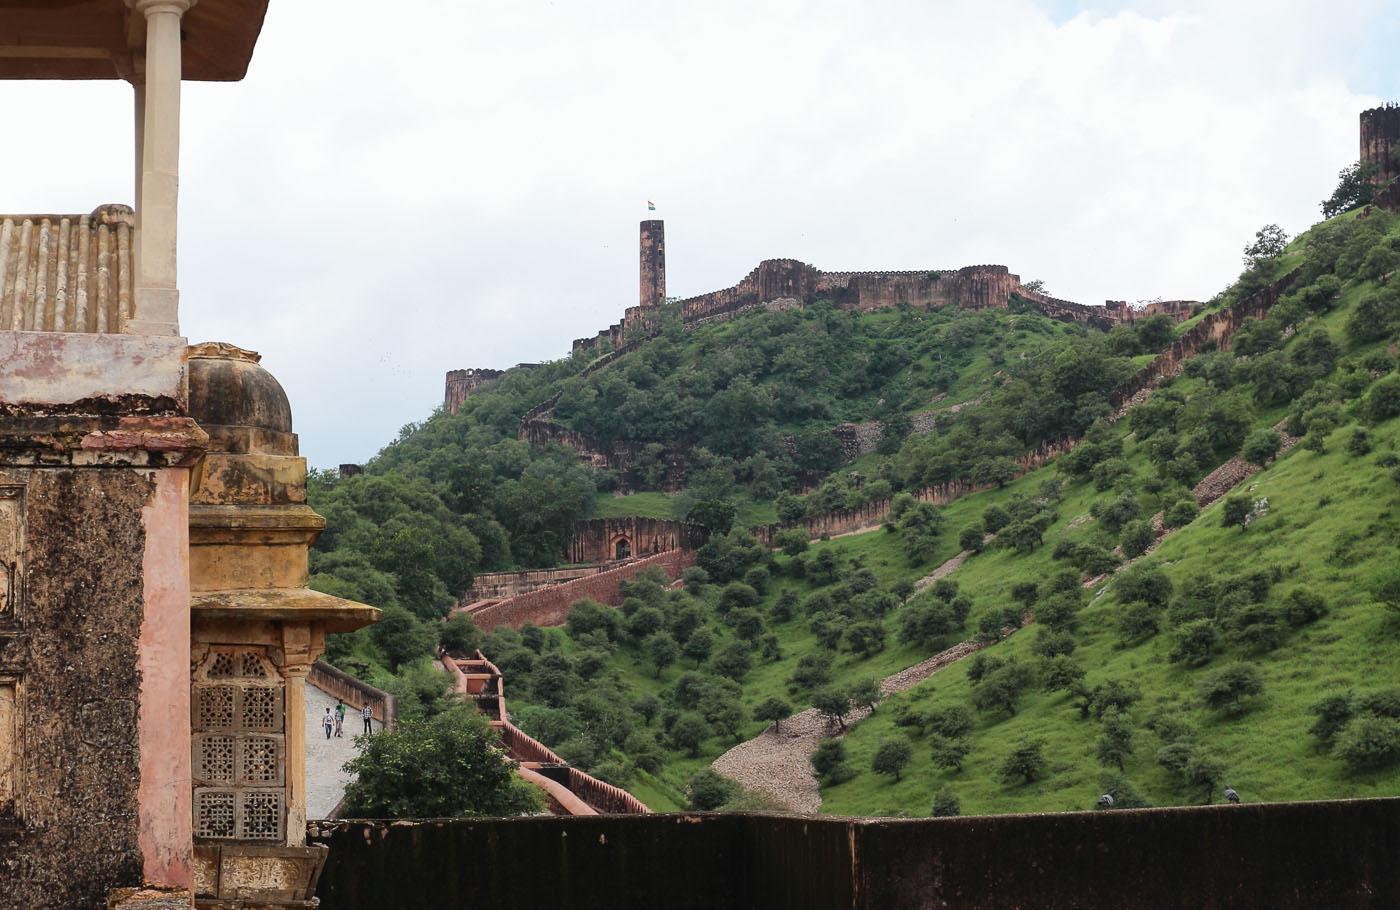 Фото 17. Еще один форт в Джайпуре - Джайгарх. Отчеты об экскурсии по Золотому треугольнику Индии.